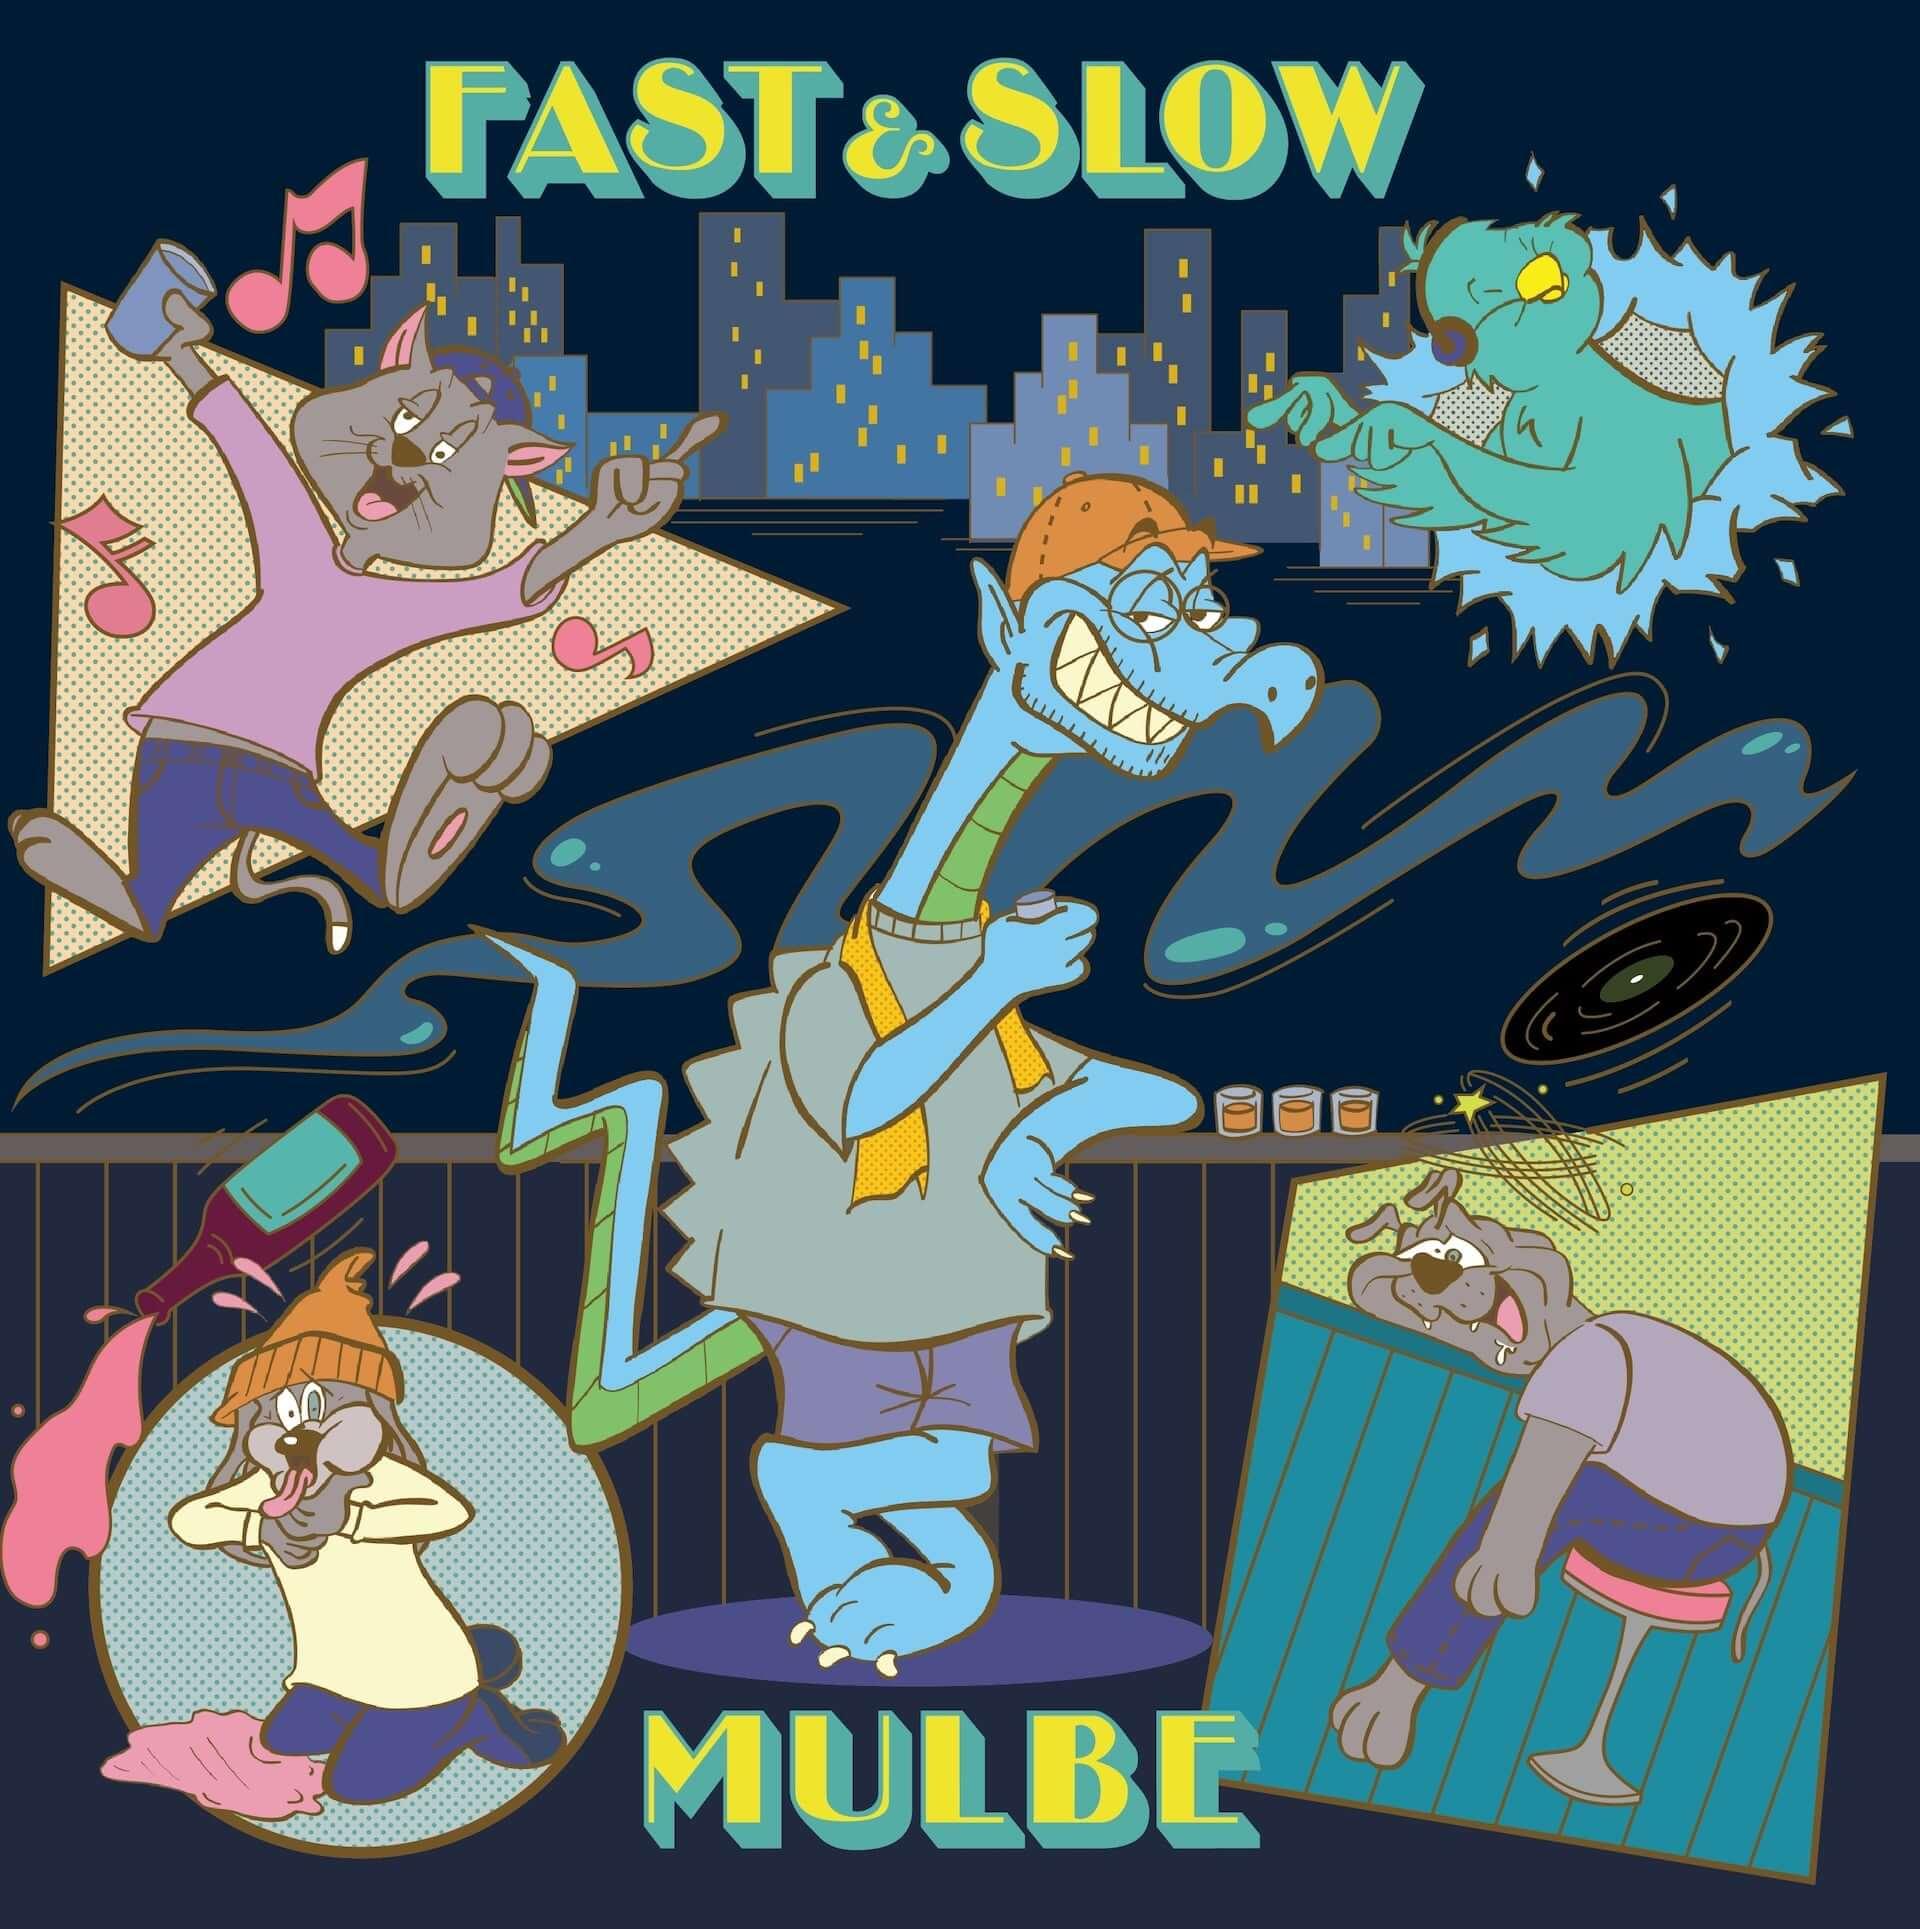 MULBEの1stアルバム『FAST&SLOW』がCD&デジタルでリリース!リスニングパーティーは渋谷club bar FAMILYにて本日開催 music201209_mulbe_3-1920x1929